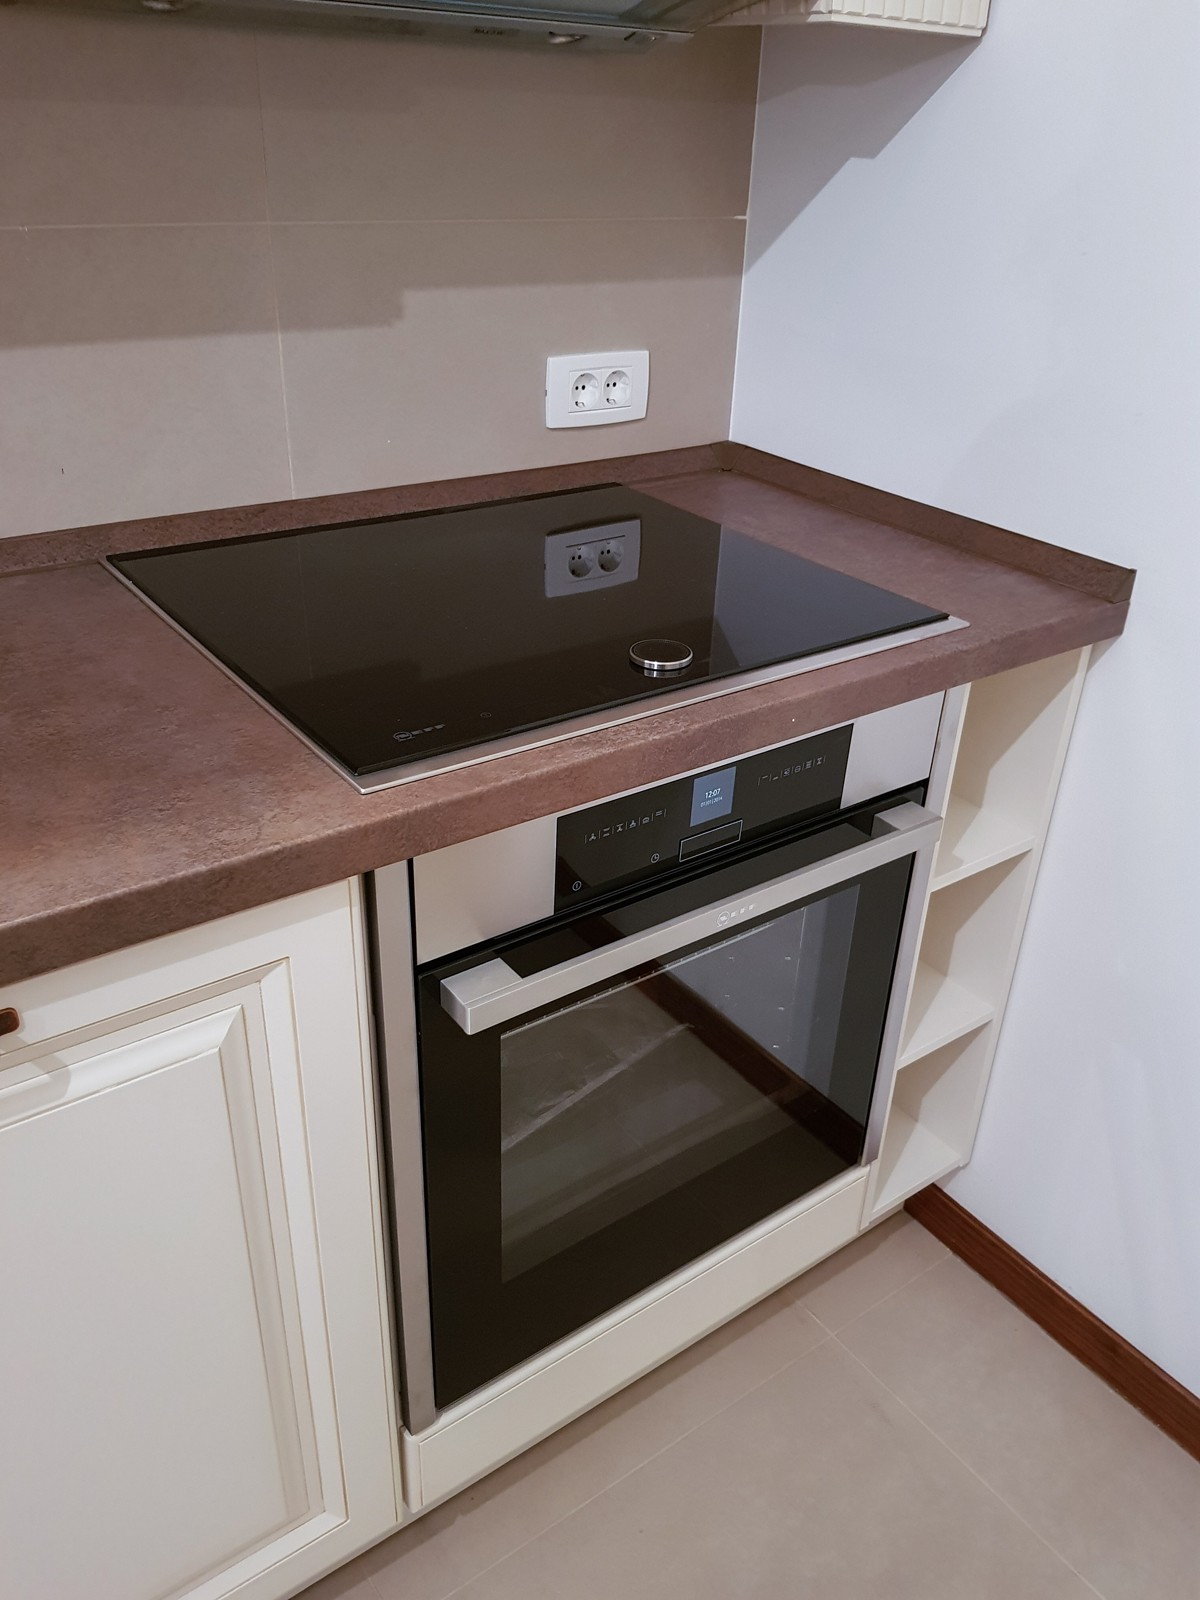 Referință - Bucătărie clasică Nobilia Castello - Bej antichizat / Ferro bronze